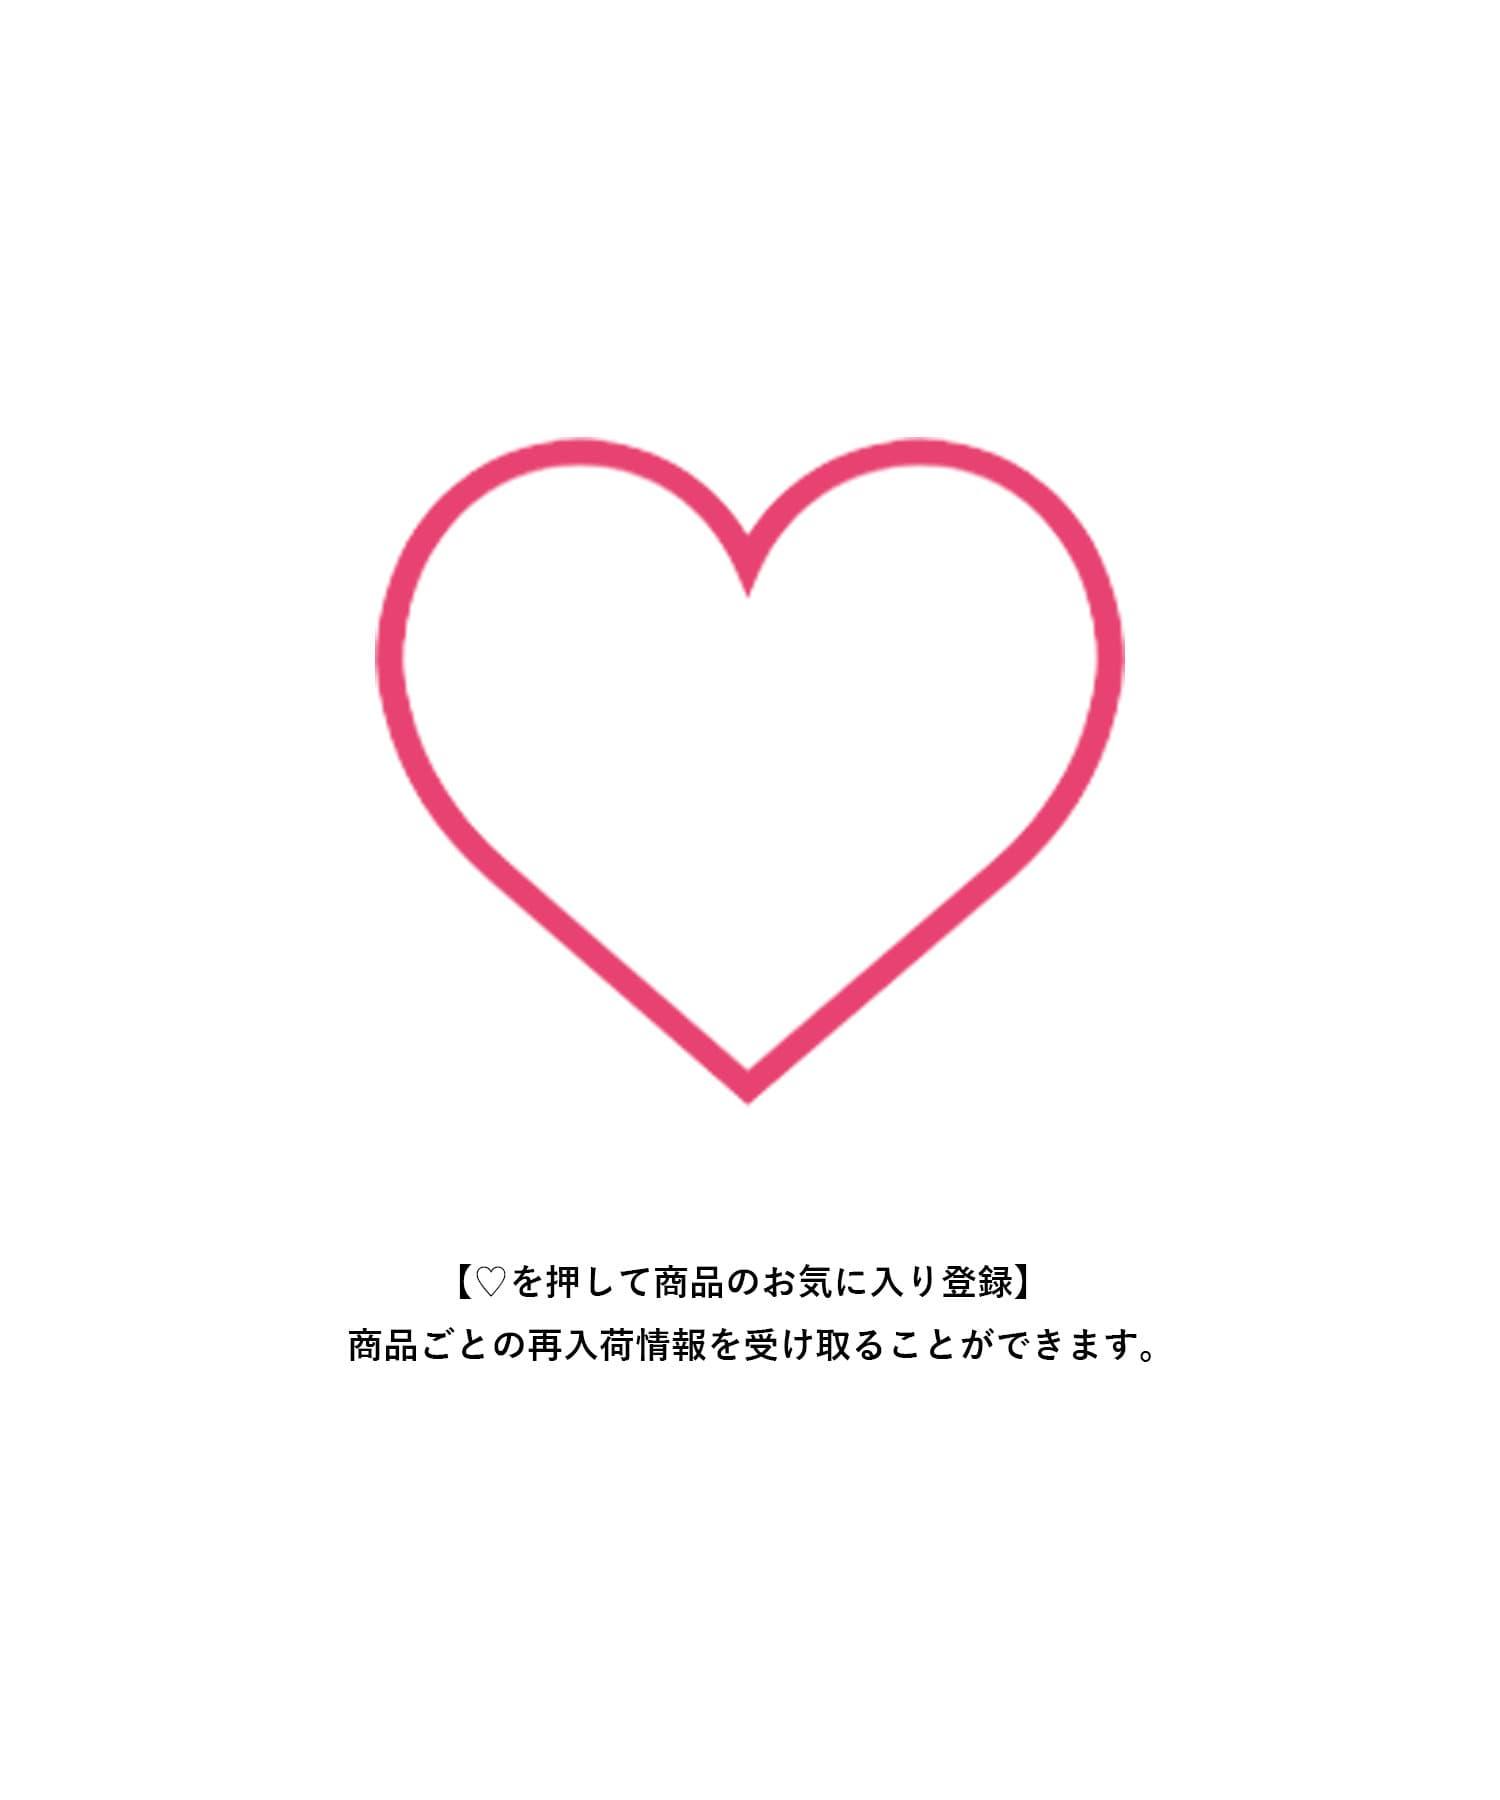 COLLAGE GALLARDAGALANTE(コラージュ ガリャルダガランテ) 【PAPILLONNER】【好きに飾る】スカーフハンドルミニバッグ